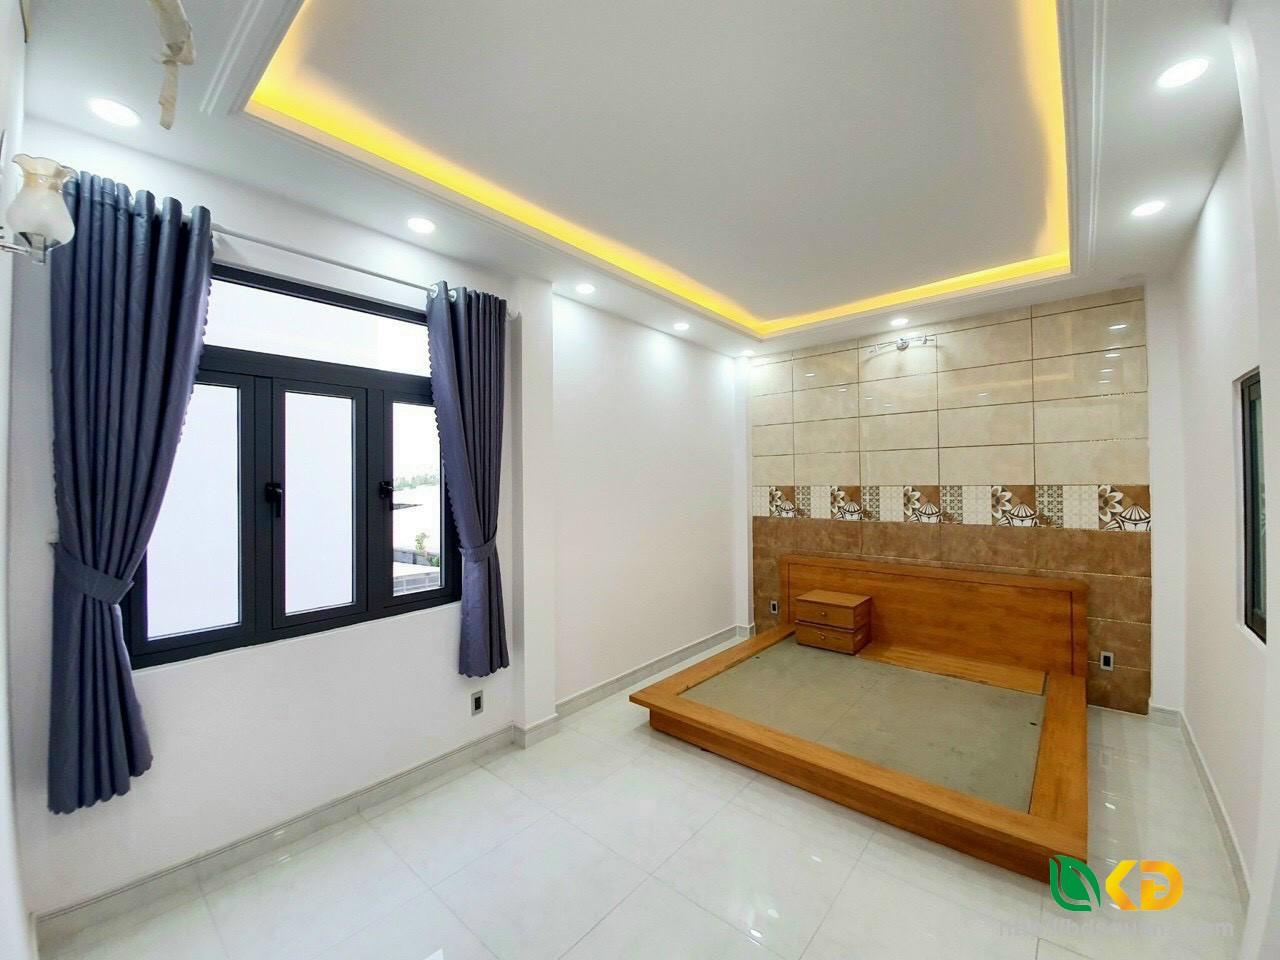 Nhà kiểu biệt thự, Omely đường Đào Tông Nguyên, Phú Xuân, Nhà Bè, HCM